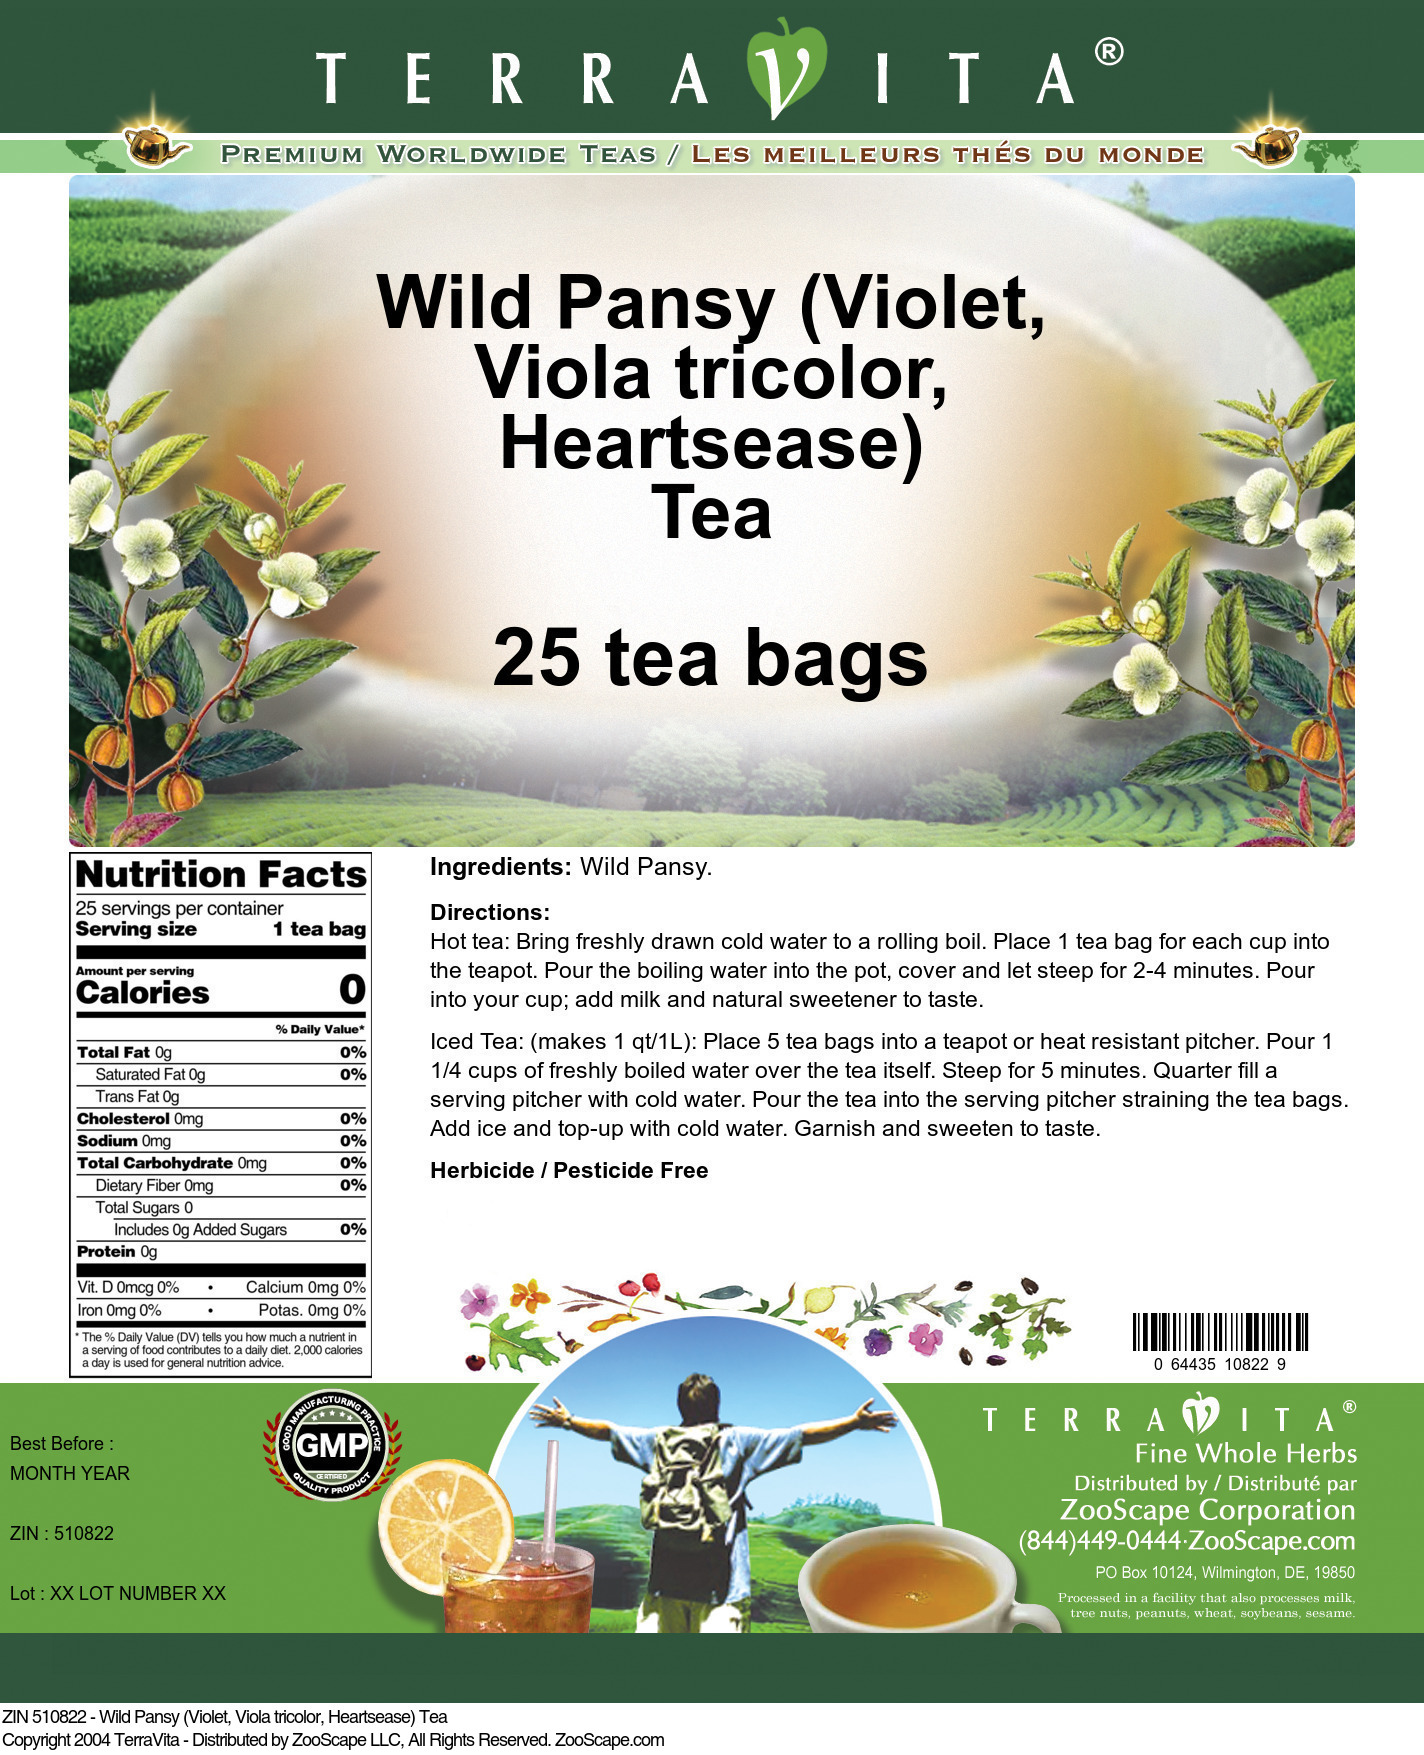 Wild Pansy (Violet, Viola tricolor, Heartsease) Tea - Label